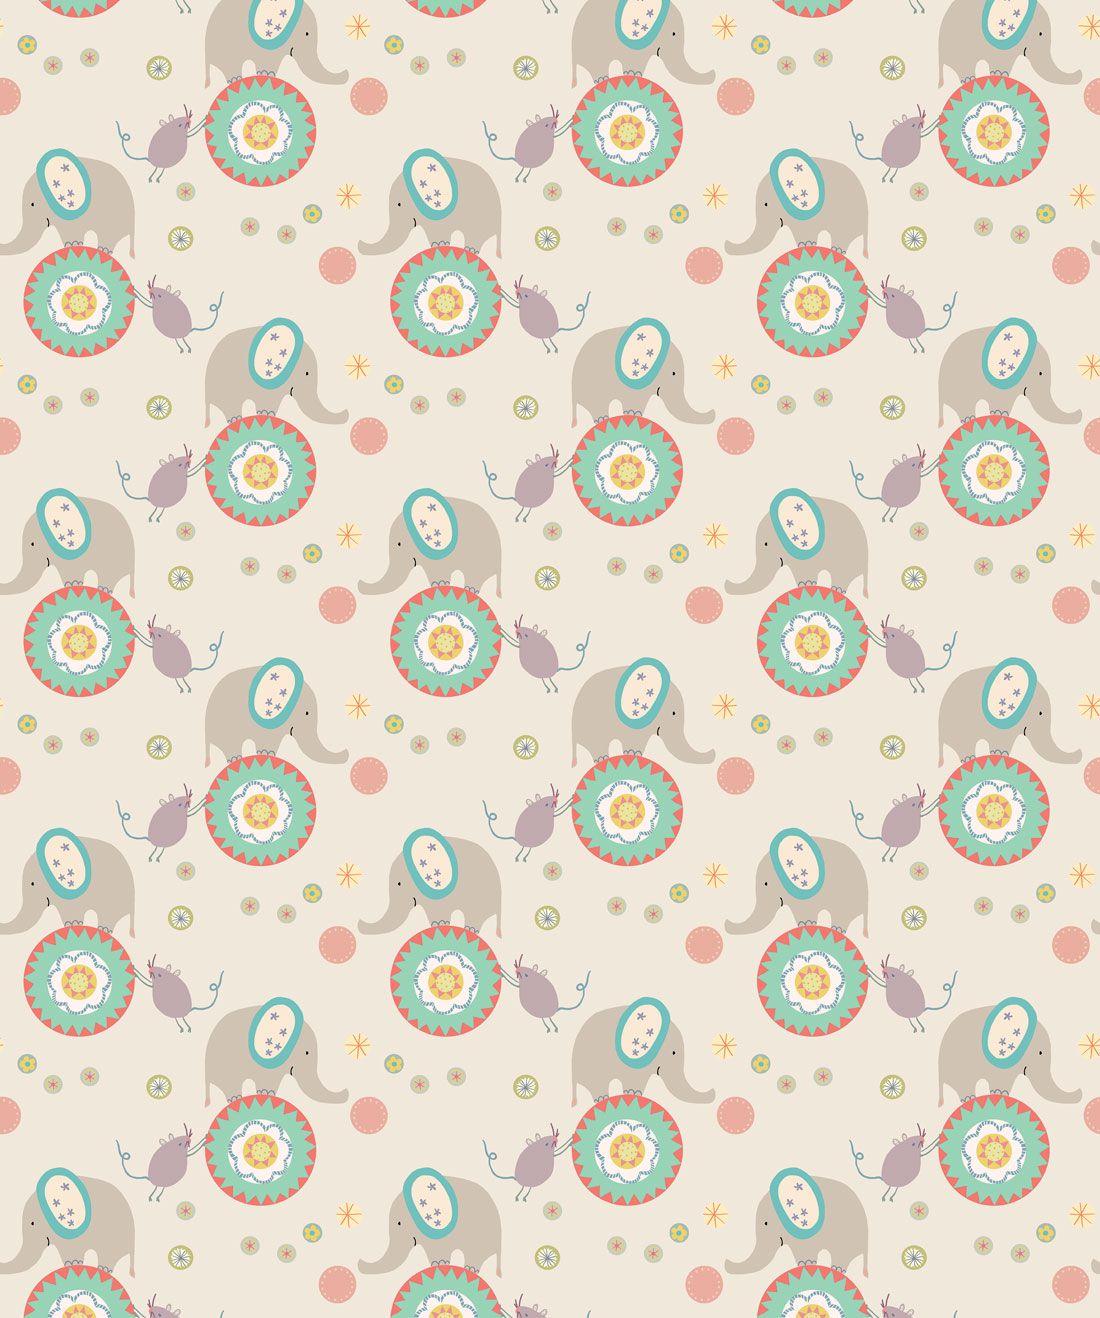 Elephants & Mice Wallpaper